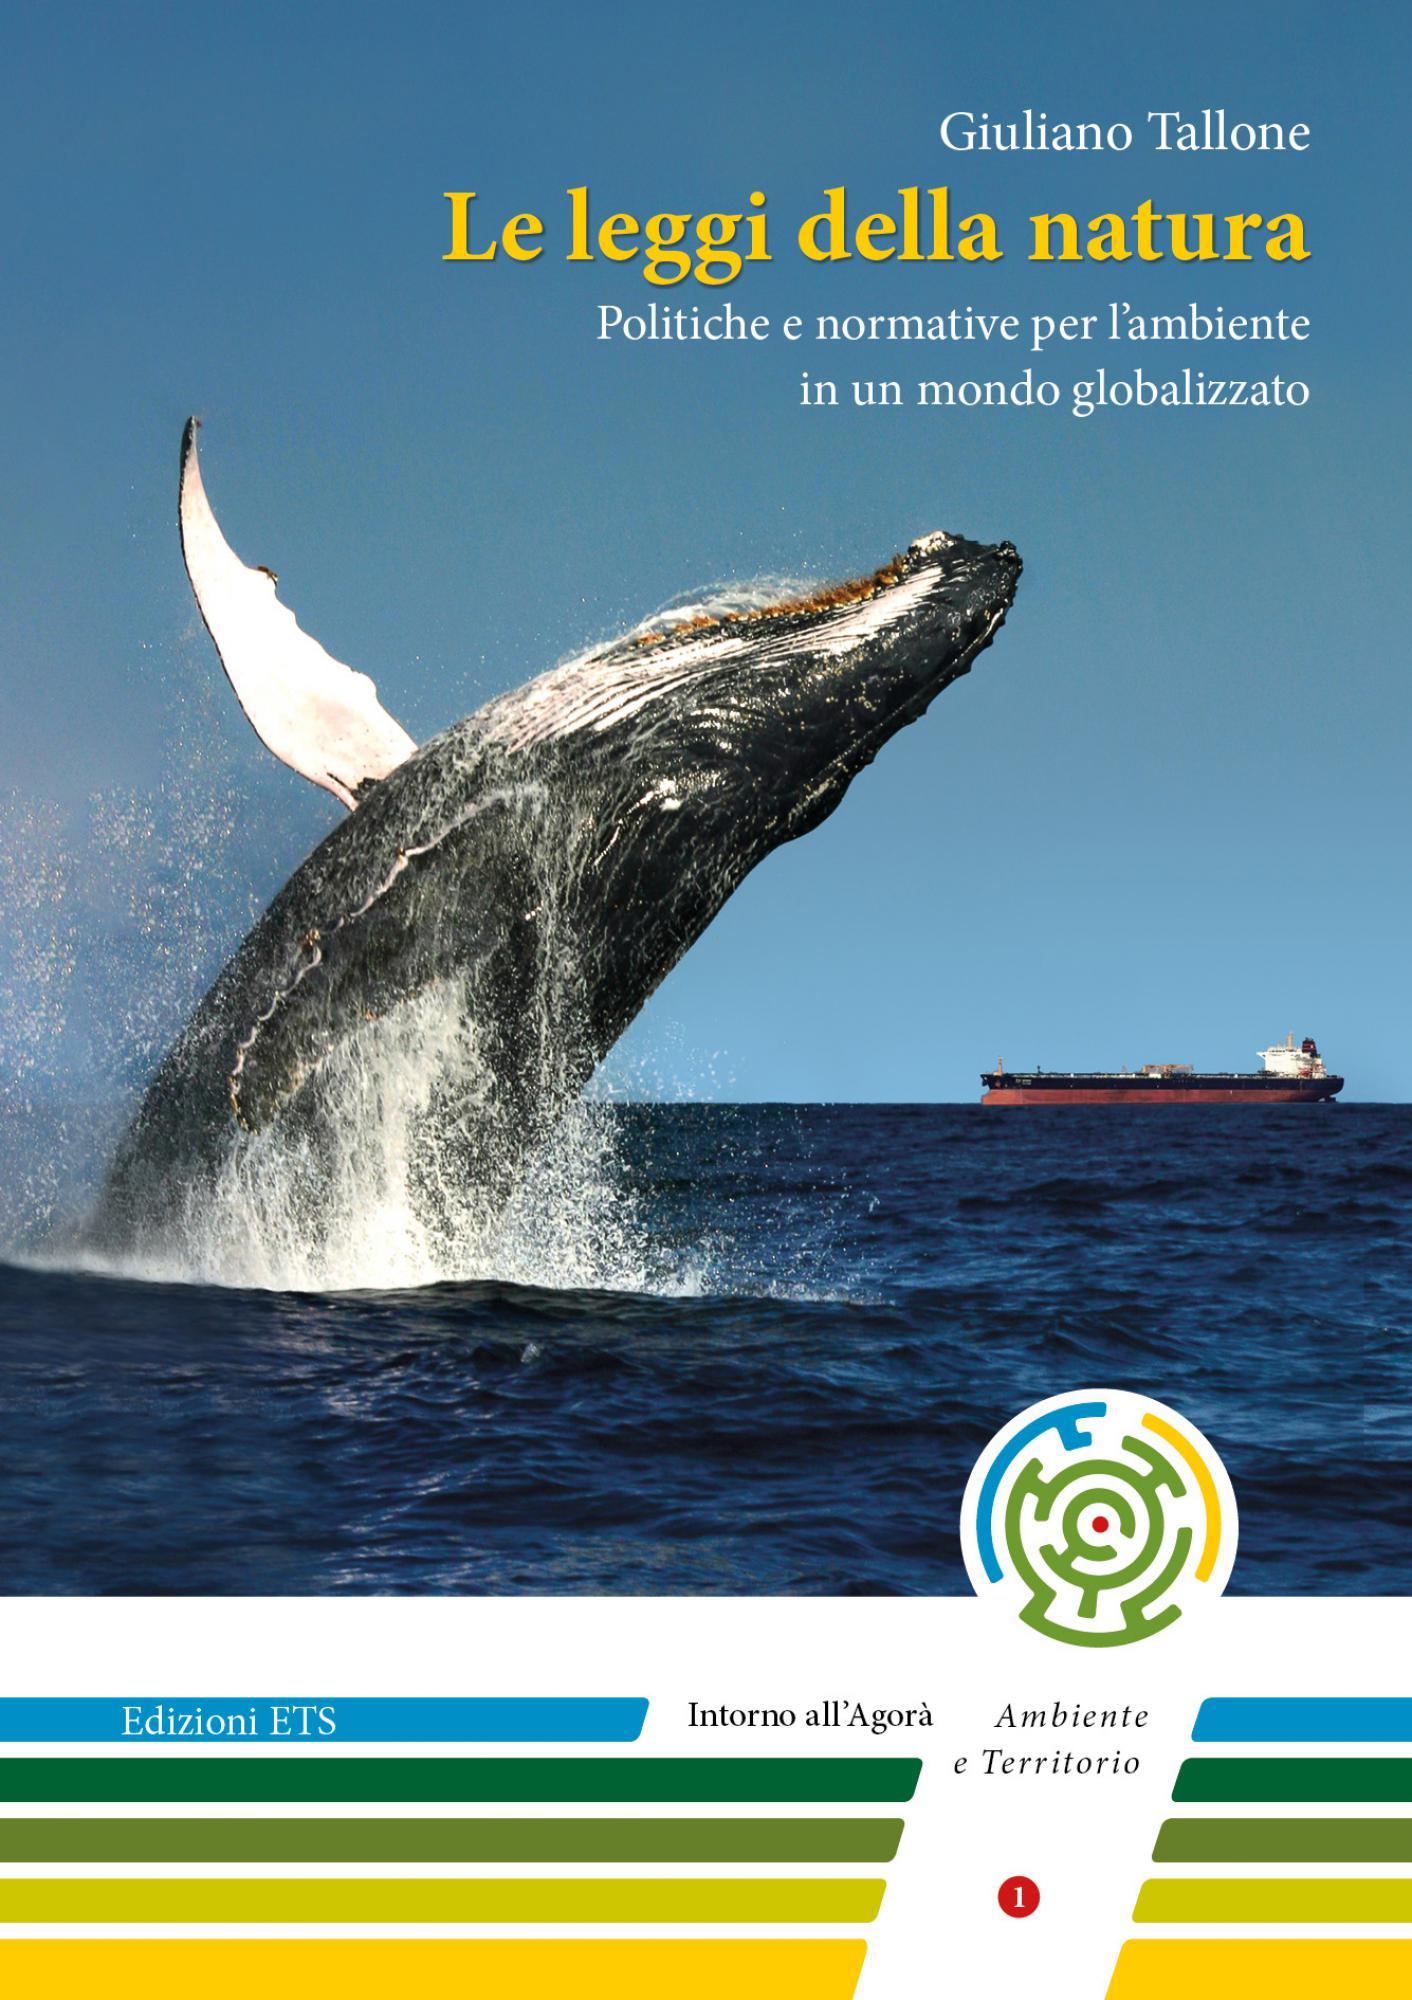 Le leggi della natura.Politiche e normative per l'ambiente in un mondo globalizzato